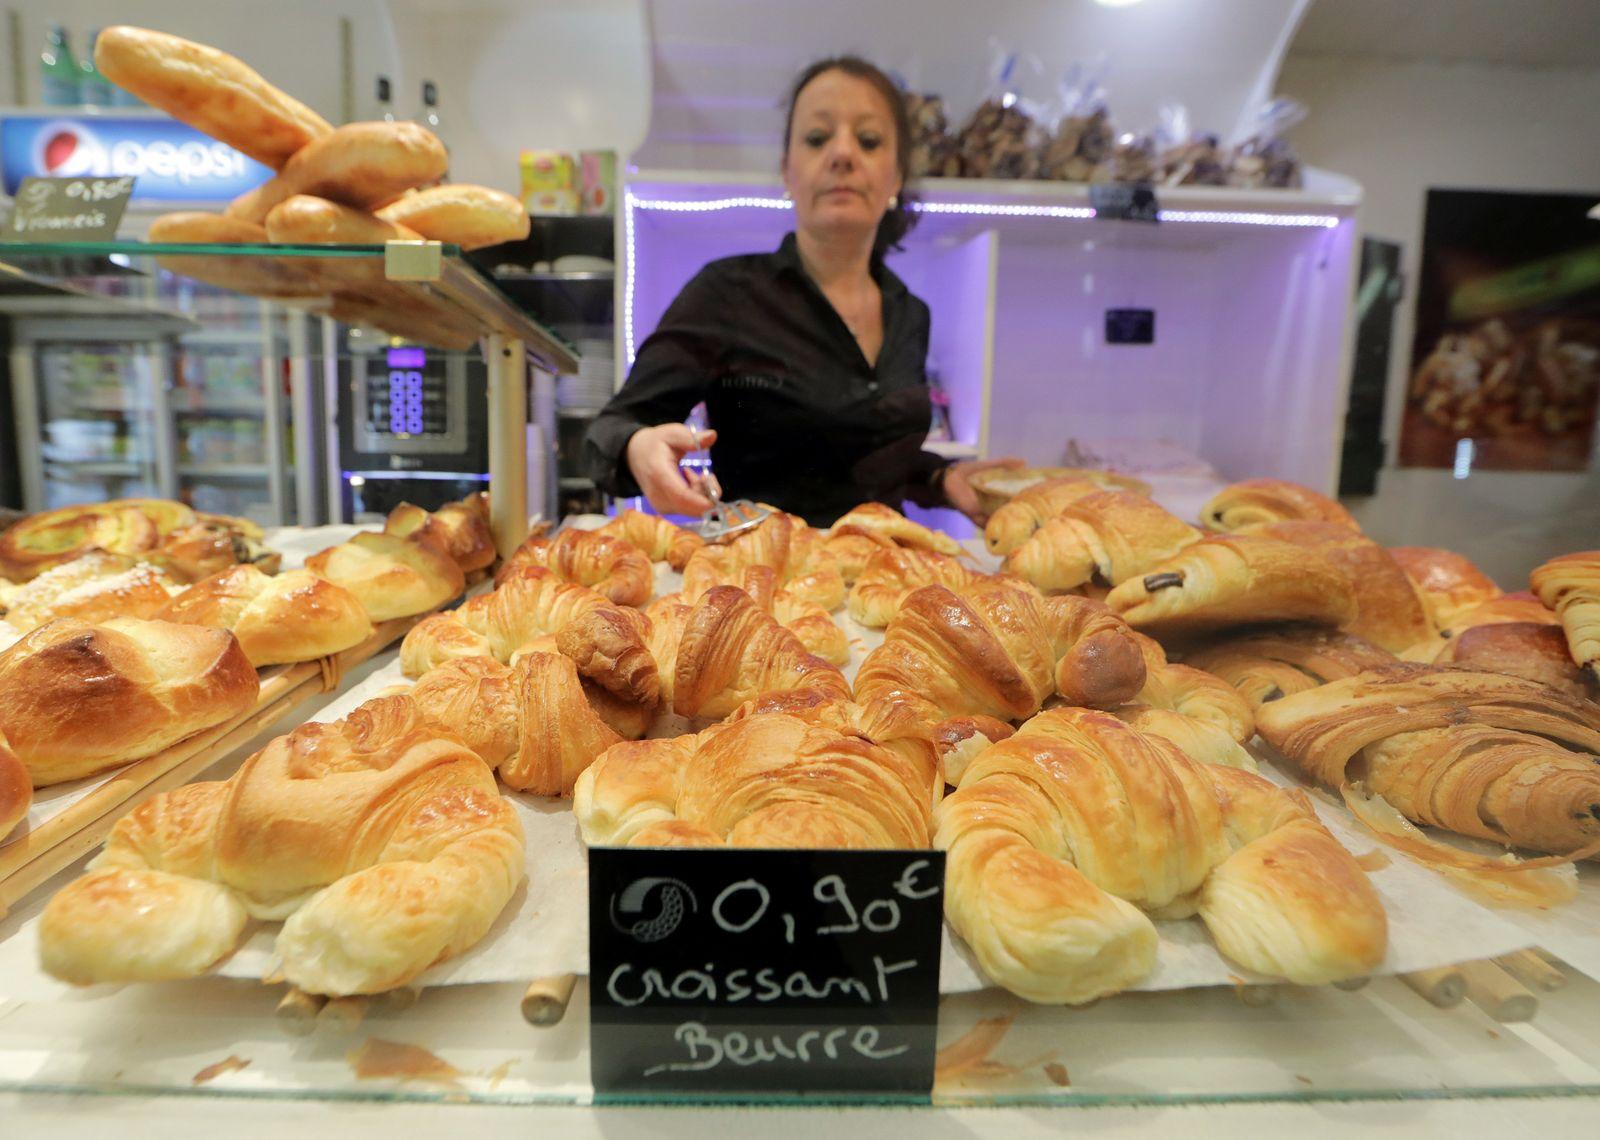 FRANCE-FOOD/BUTTER